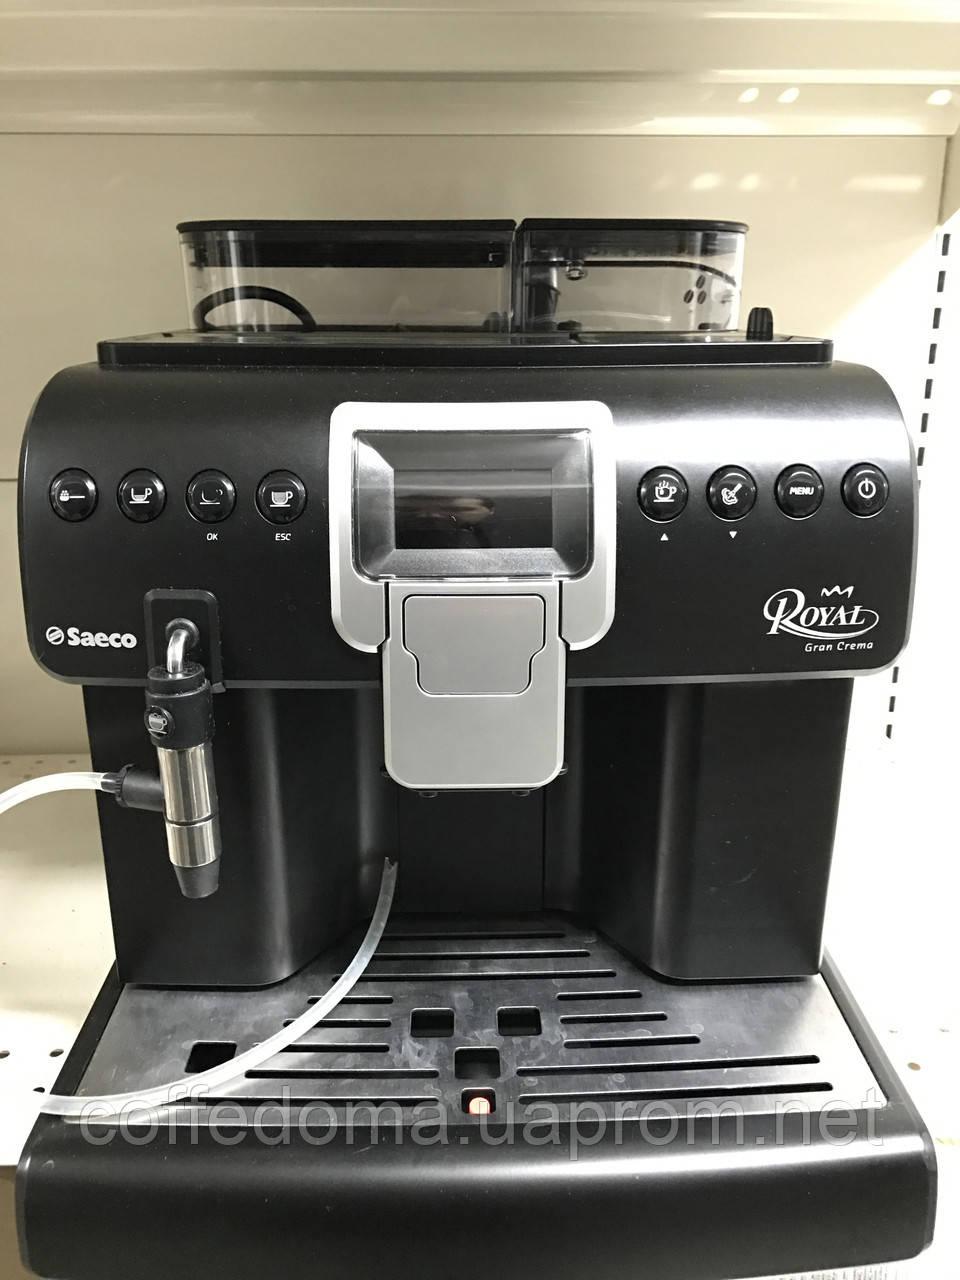 Saeco Royal Philips Gran Crema полностью автоматическая кофемашина